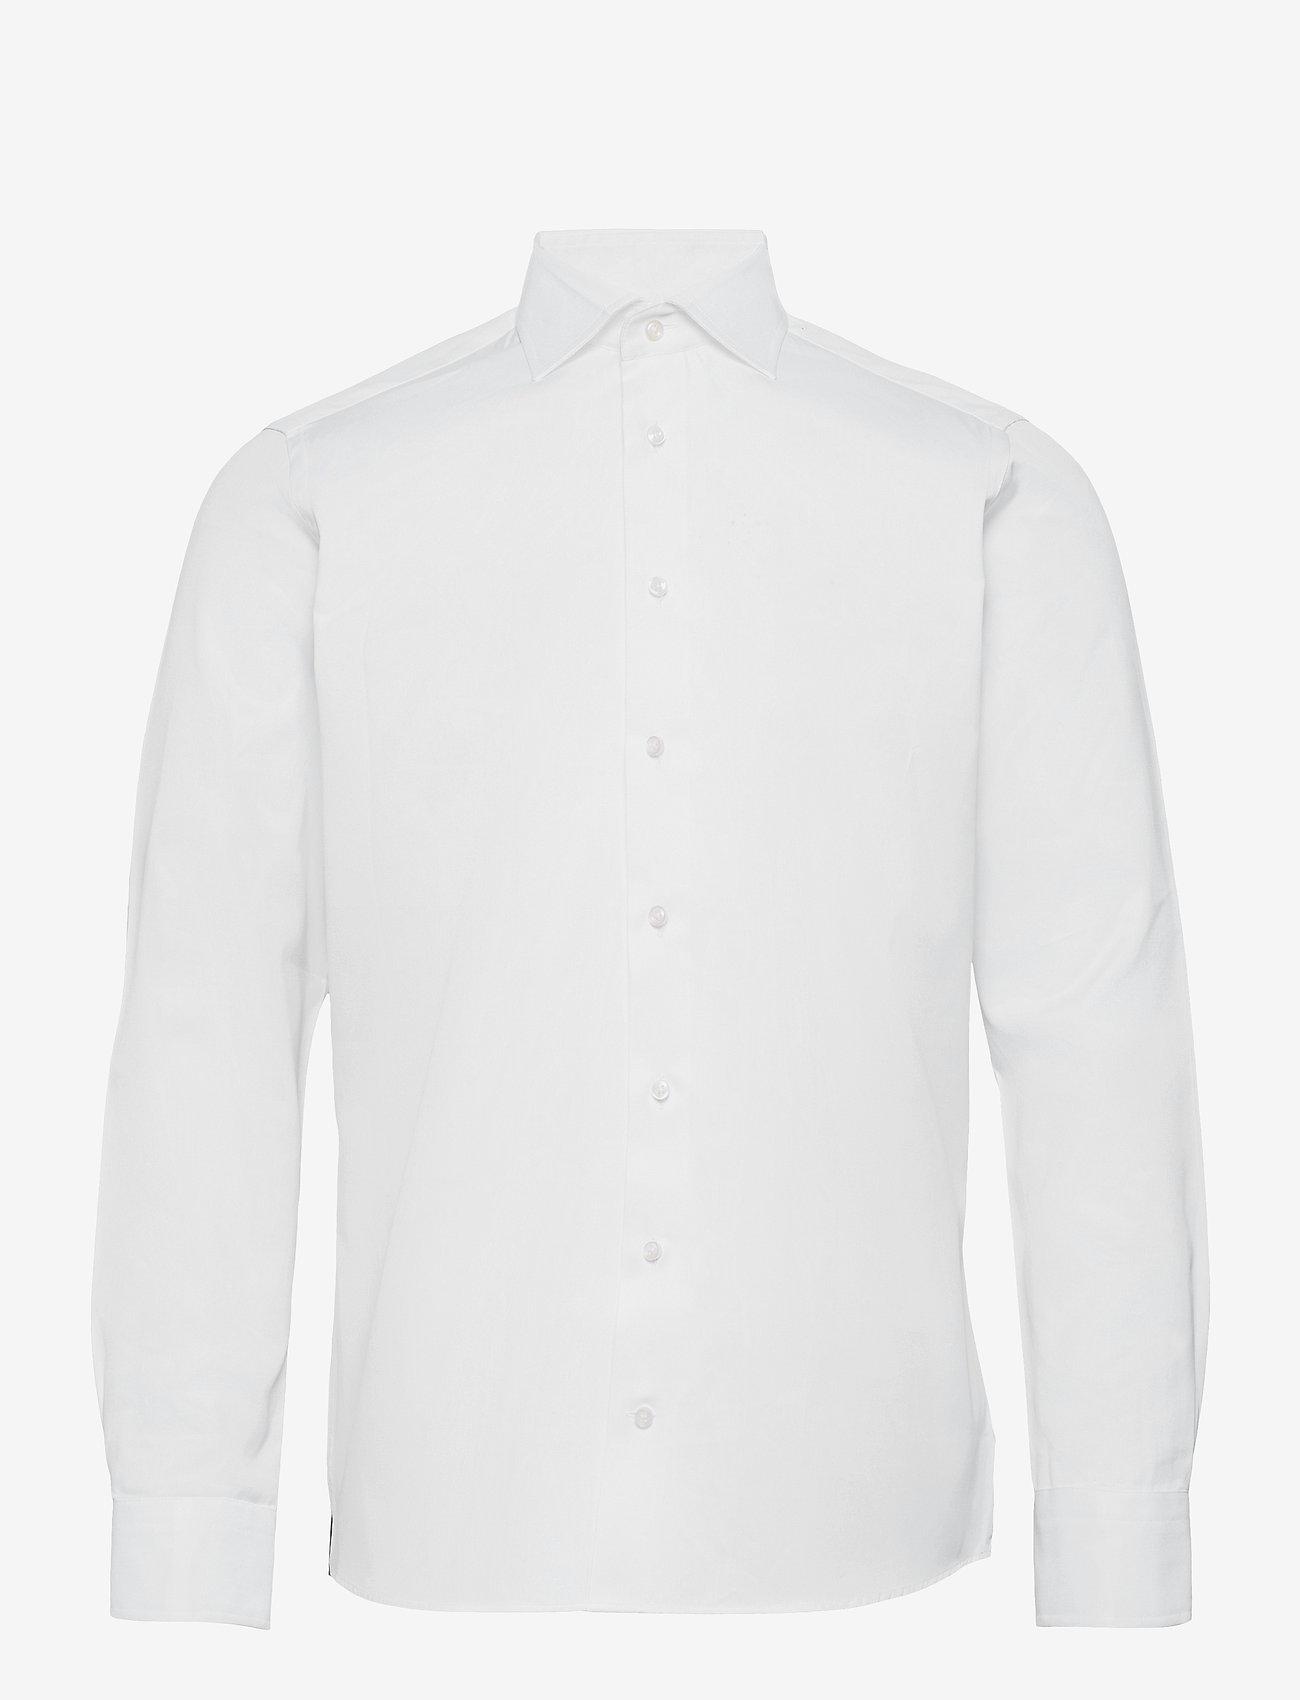 XO Shirtmaker by Sand Copenhagen - 8085 - Gordon FC - basic skjortor - optical white - 0